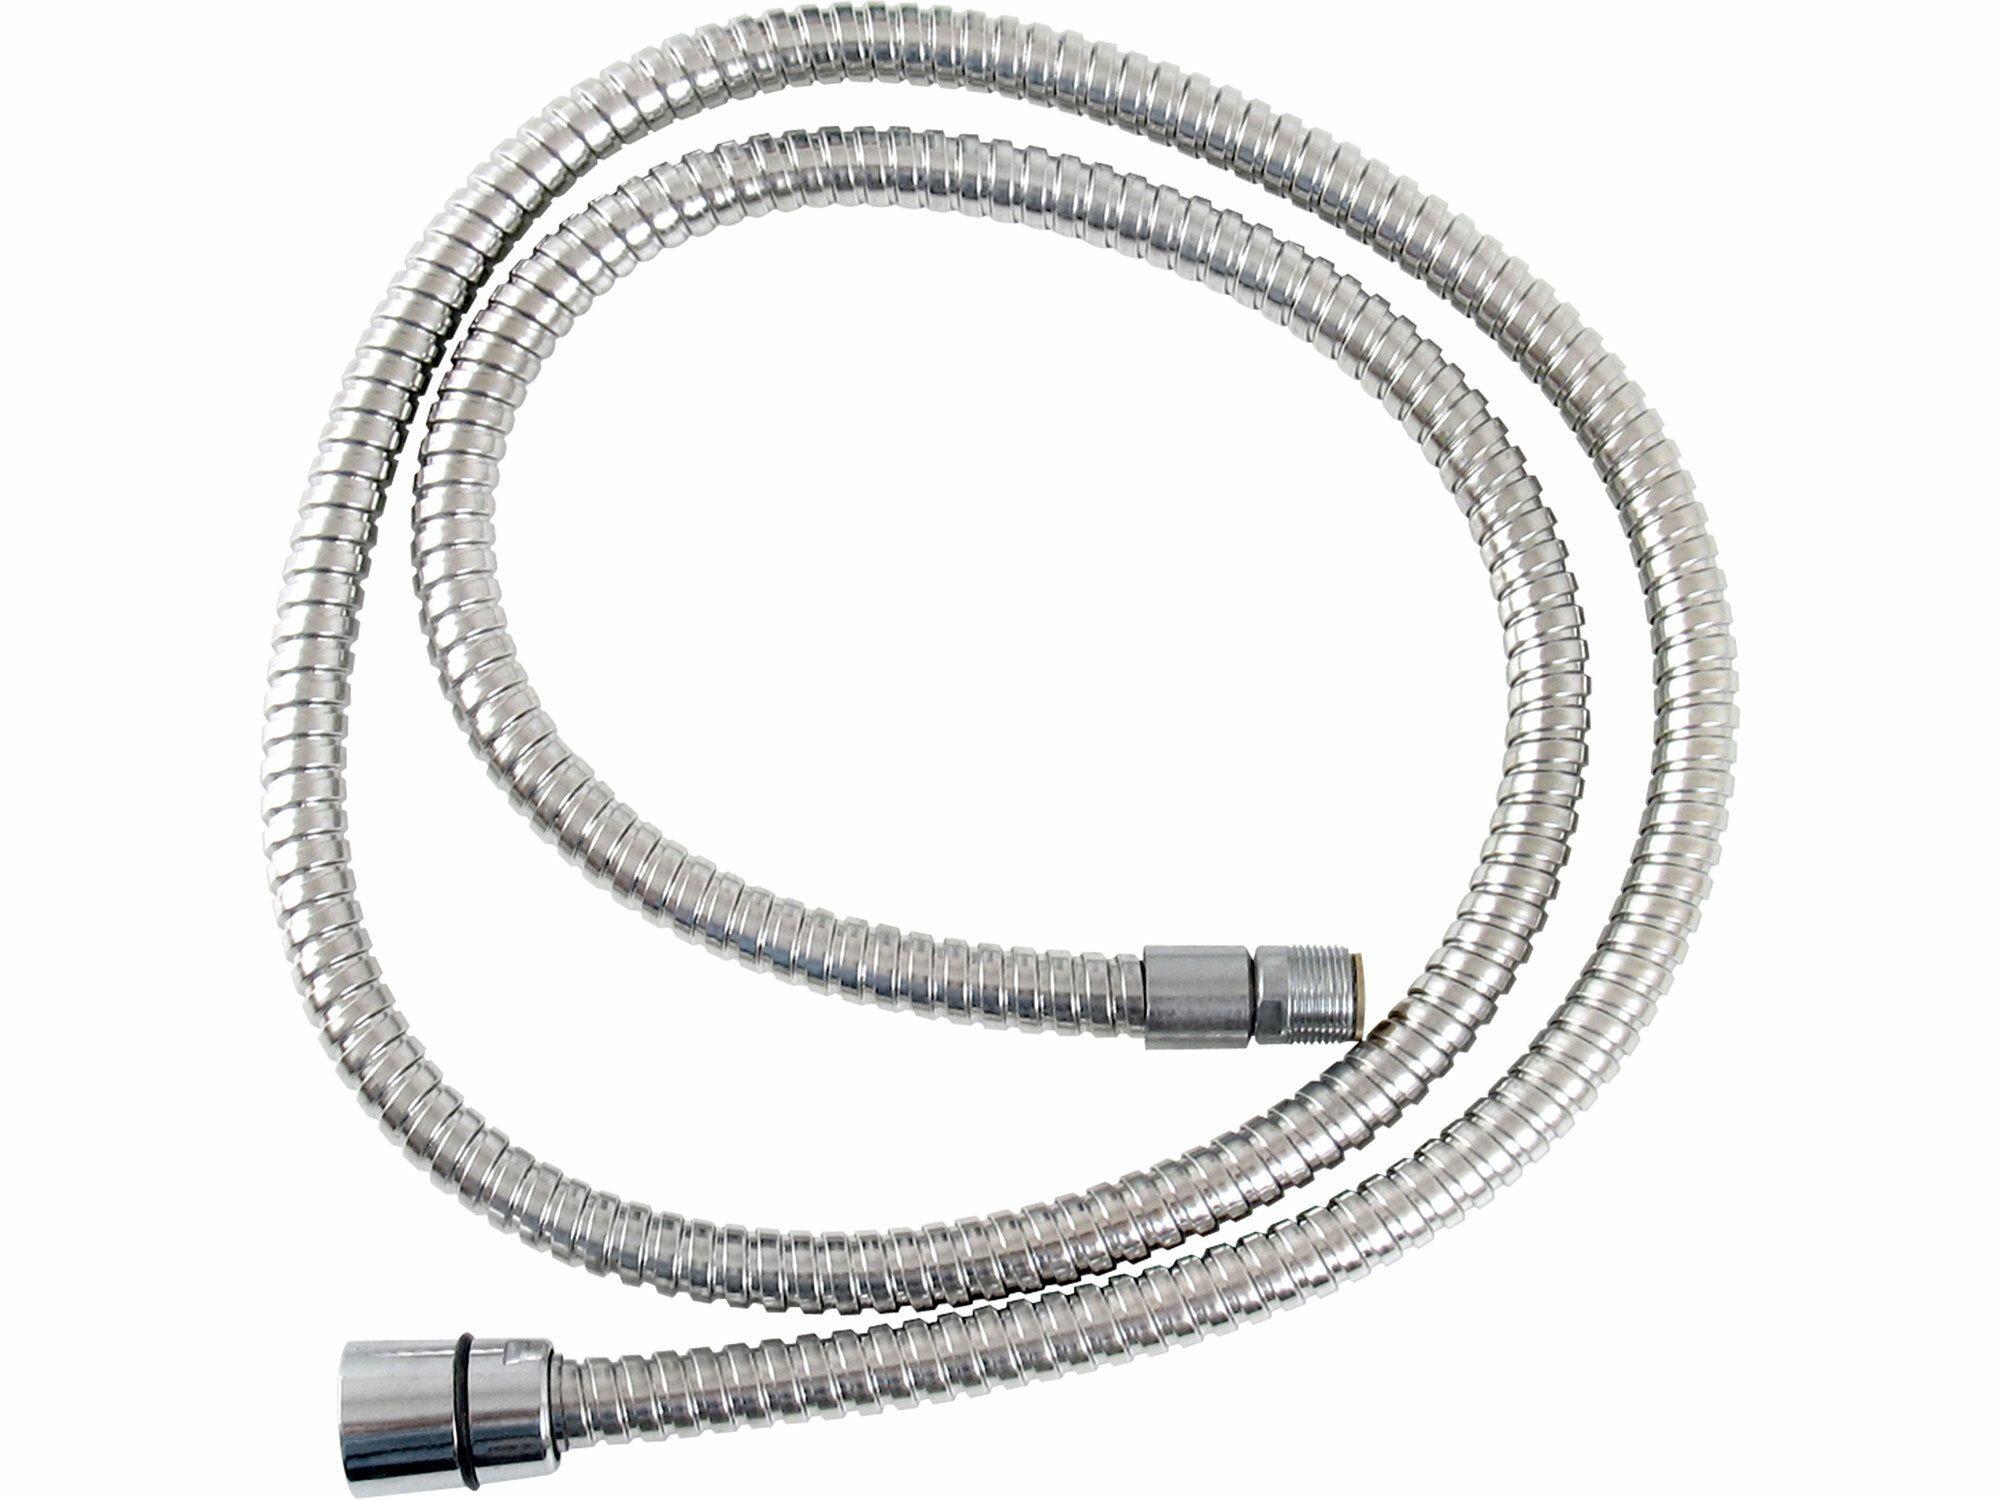 Hadice sprchová pro 81019, nerez, 150cm, lze použít pro 81019, 82019 a 83019 BALLETTO